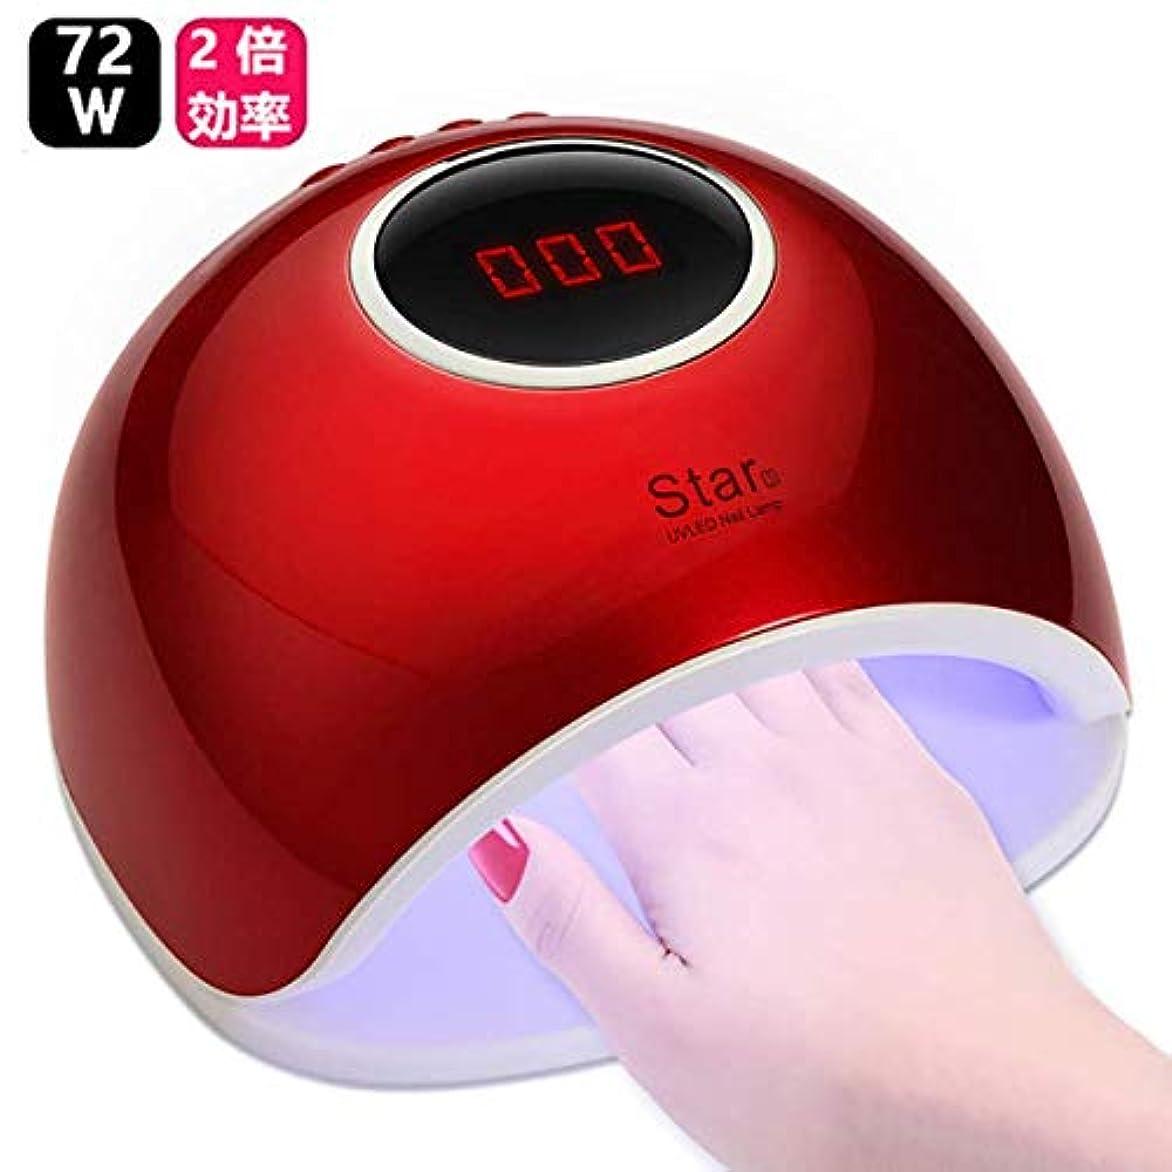 ソビエトひいきにする現像UV LEDネイルドライヤー 赤外線検知 72W2倍の効率 赤外線美白機能付き マニキュア用 4段階タイマー設定可能 手足兼用 (レッド)